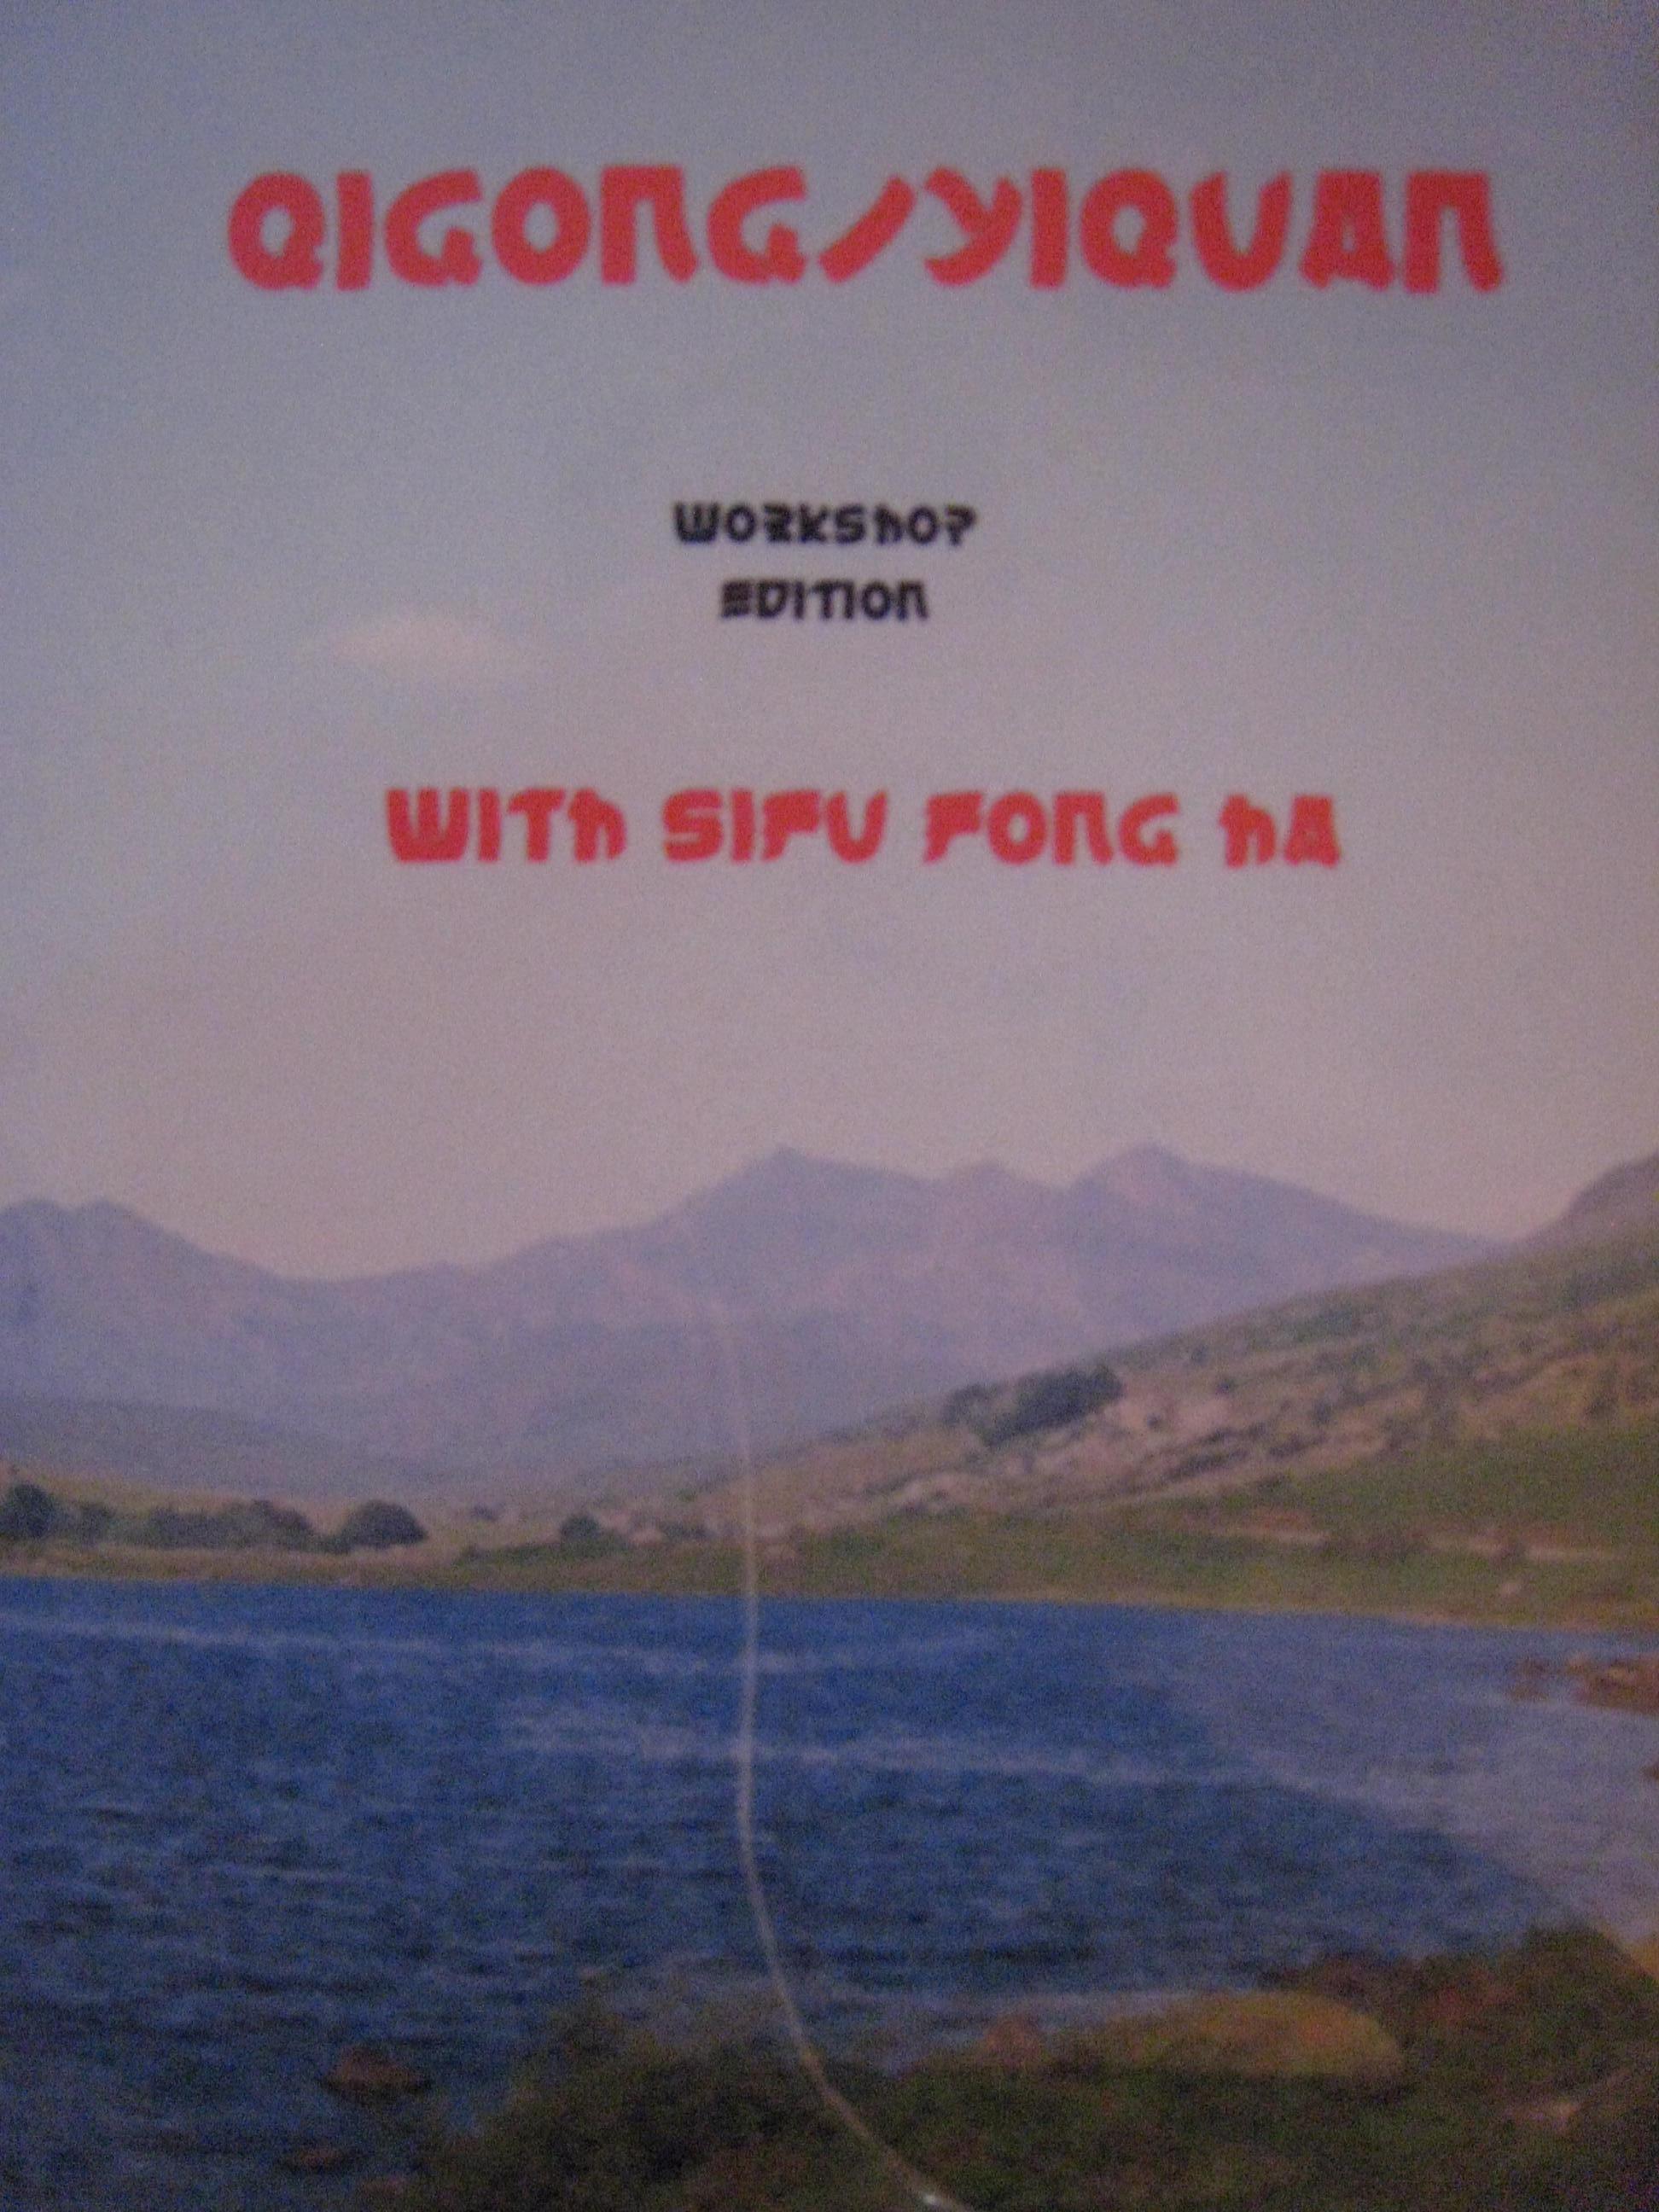 Fundamental Yiquan and Qigong DVD